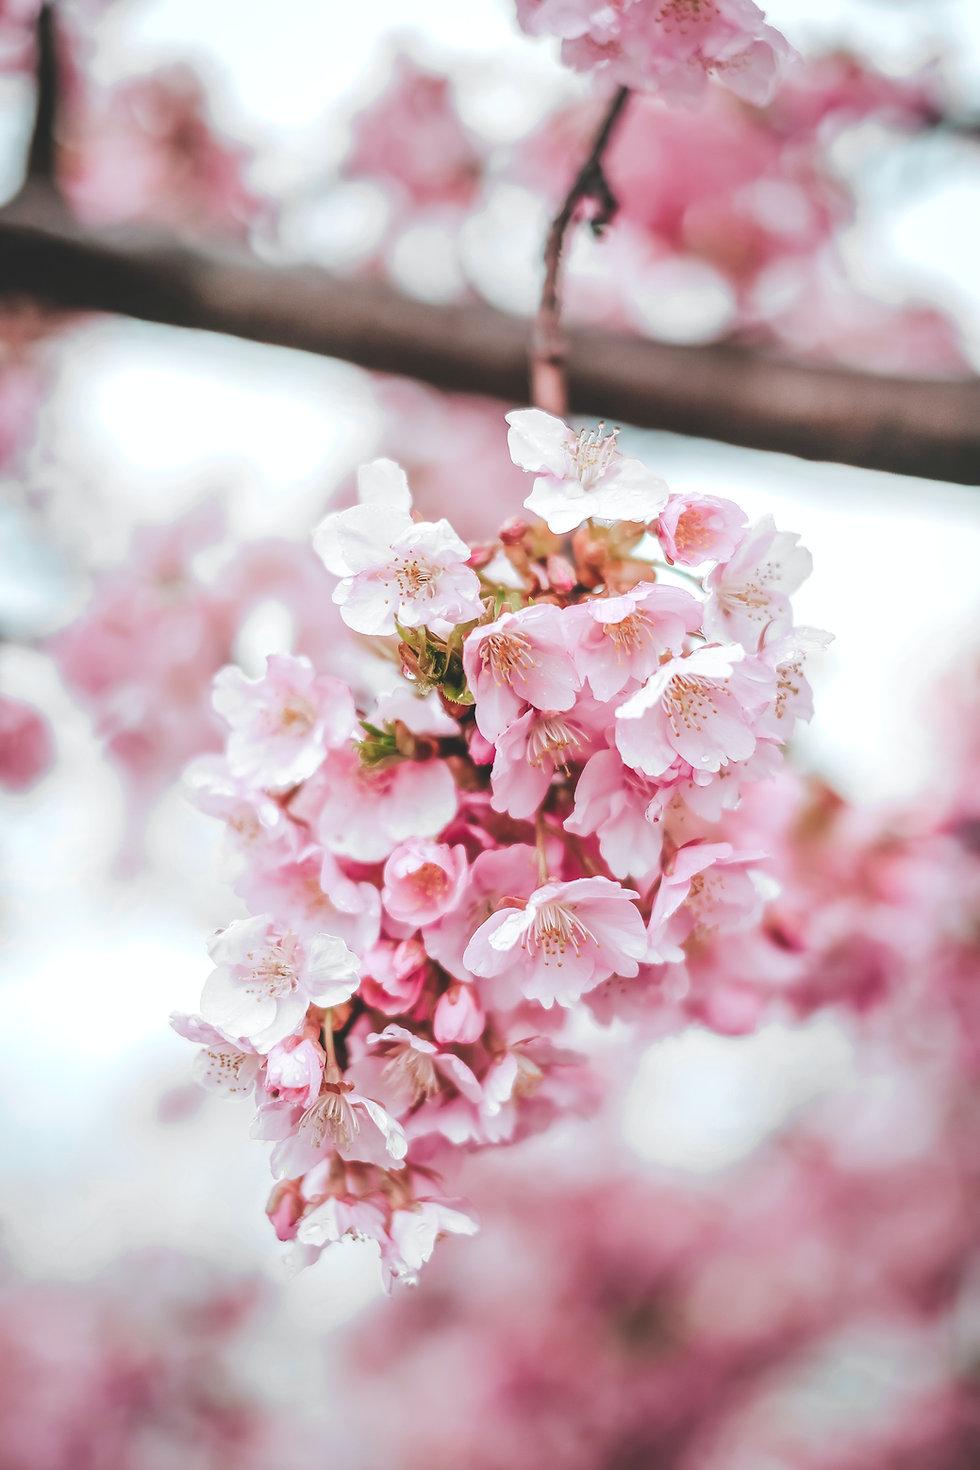 Image by Fuu J